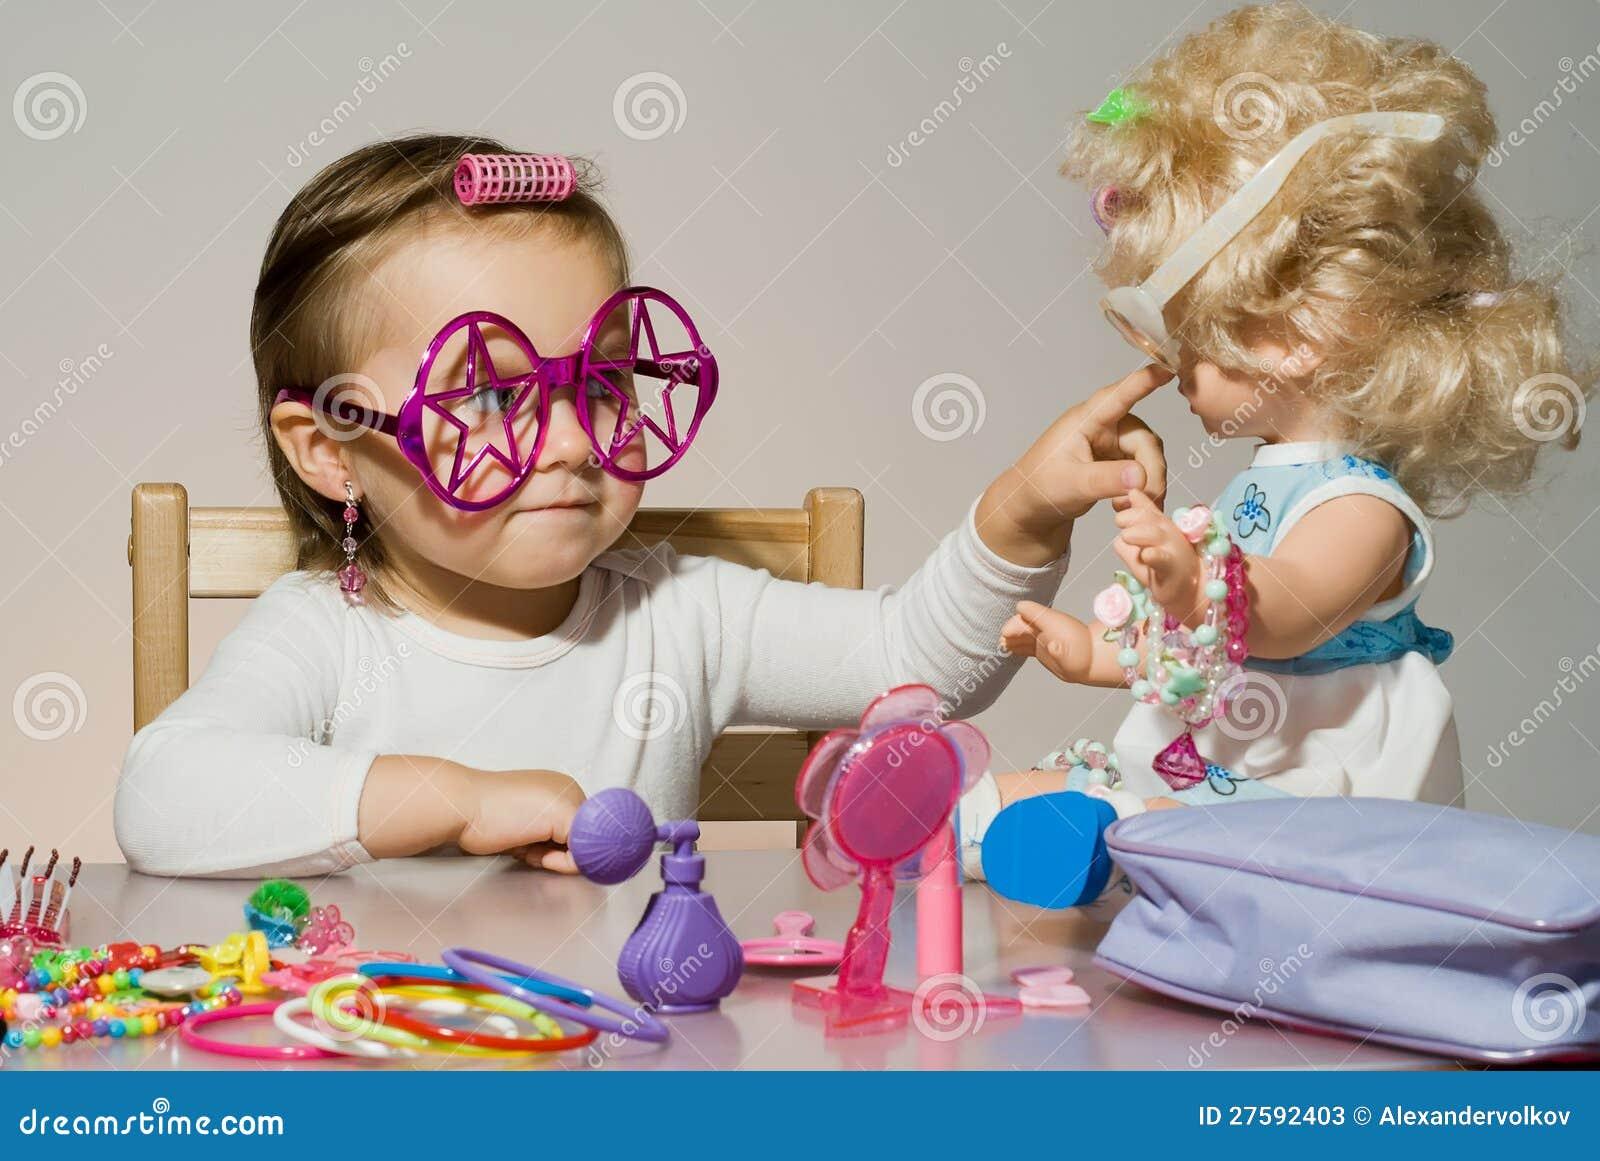 Фото девушка играет в куклы